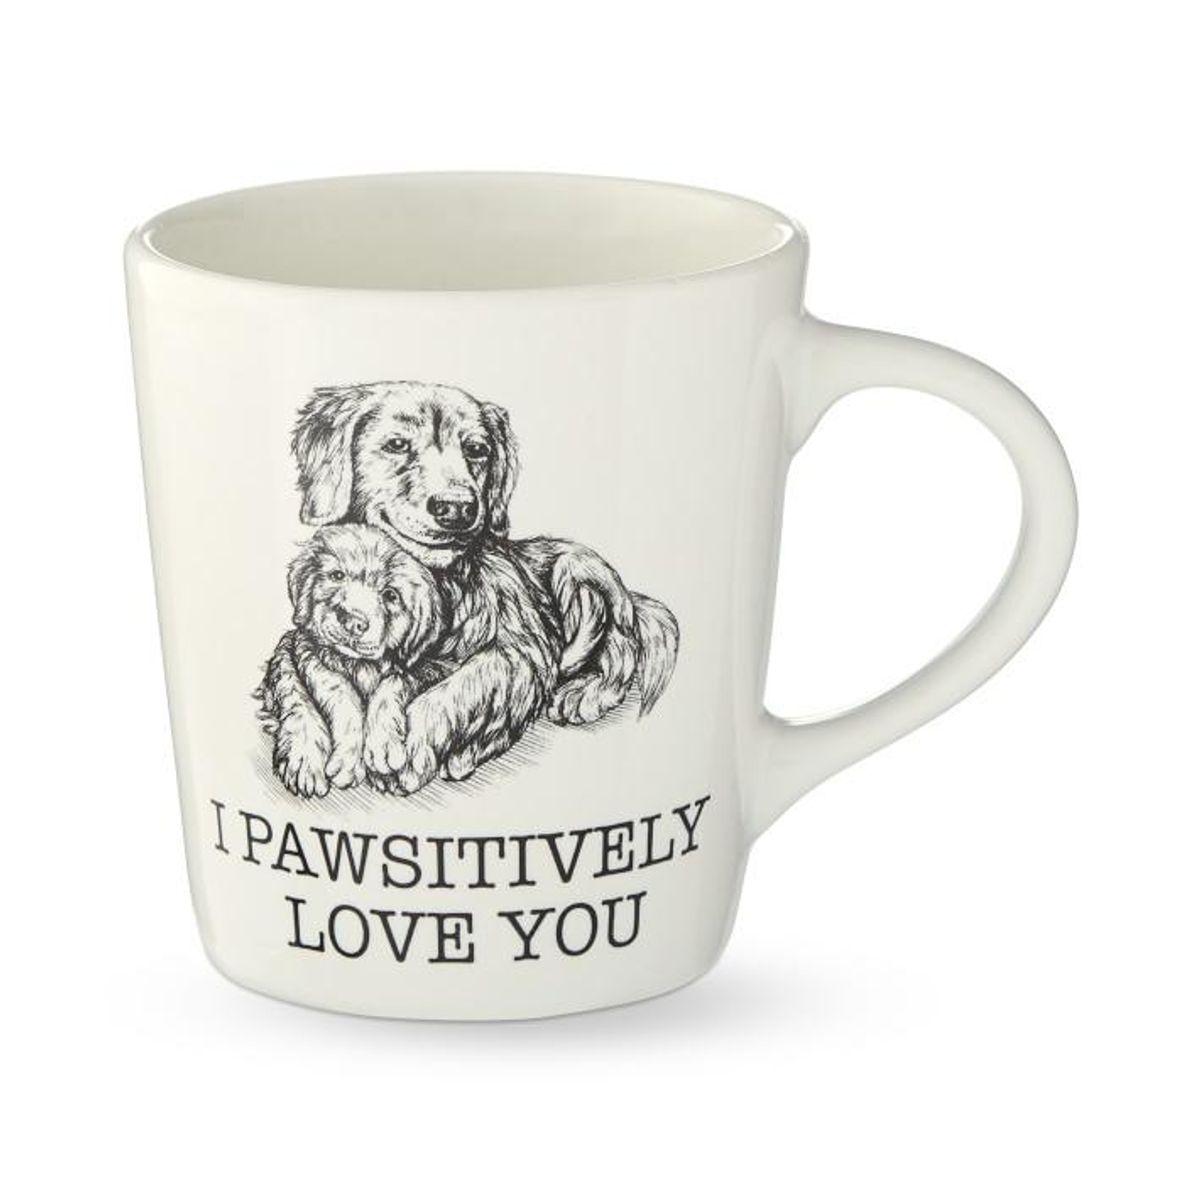 I Pawsitively Love You Mug